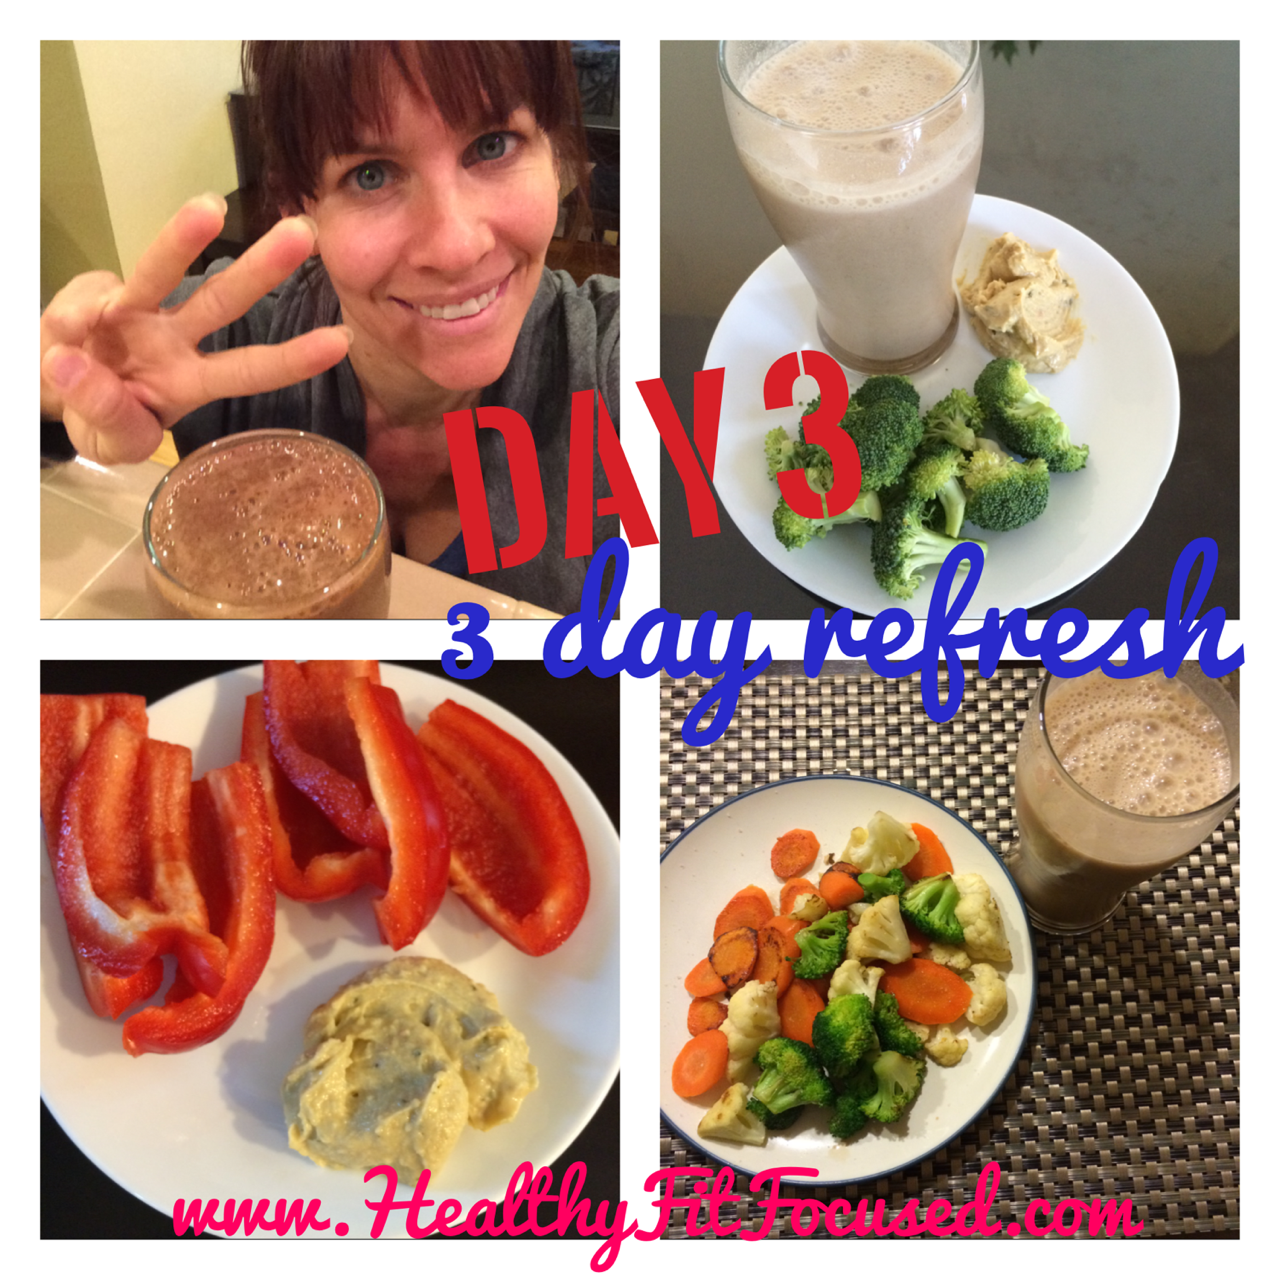 3-day refresh, www.HealthyFitFocused.com